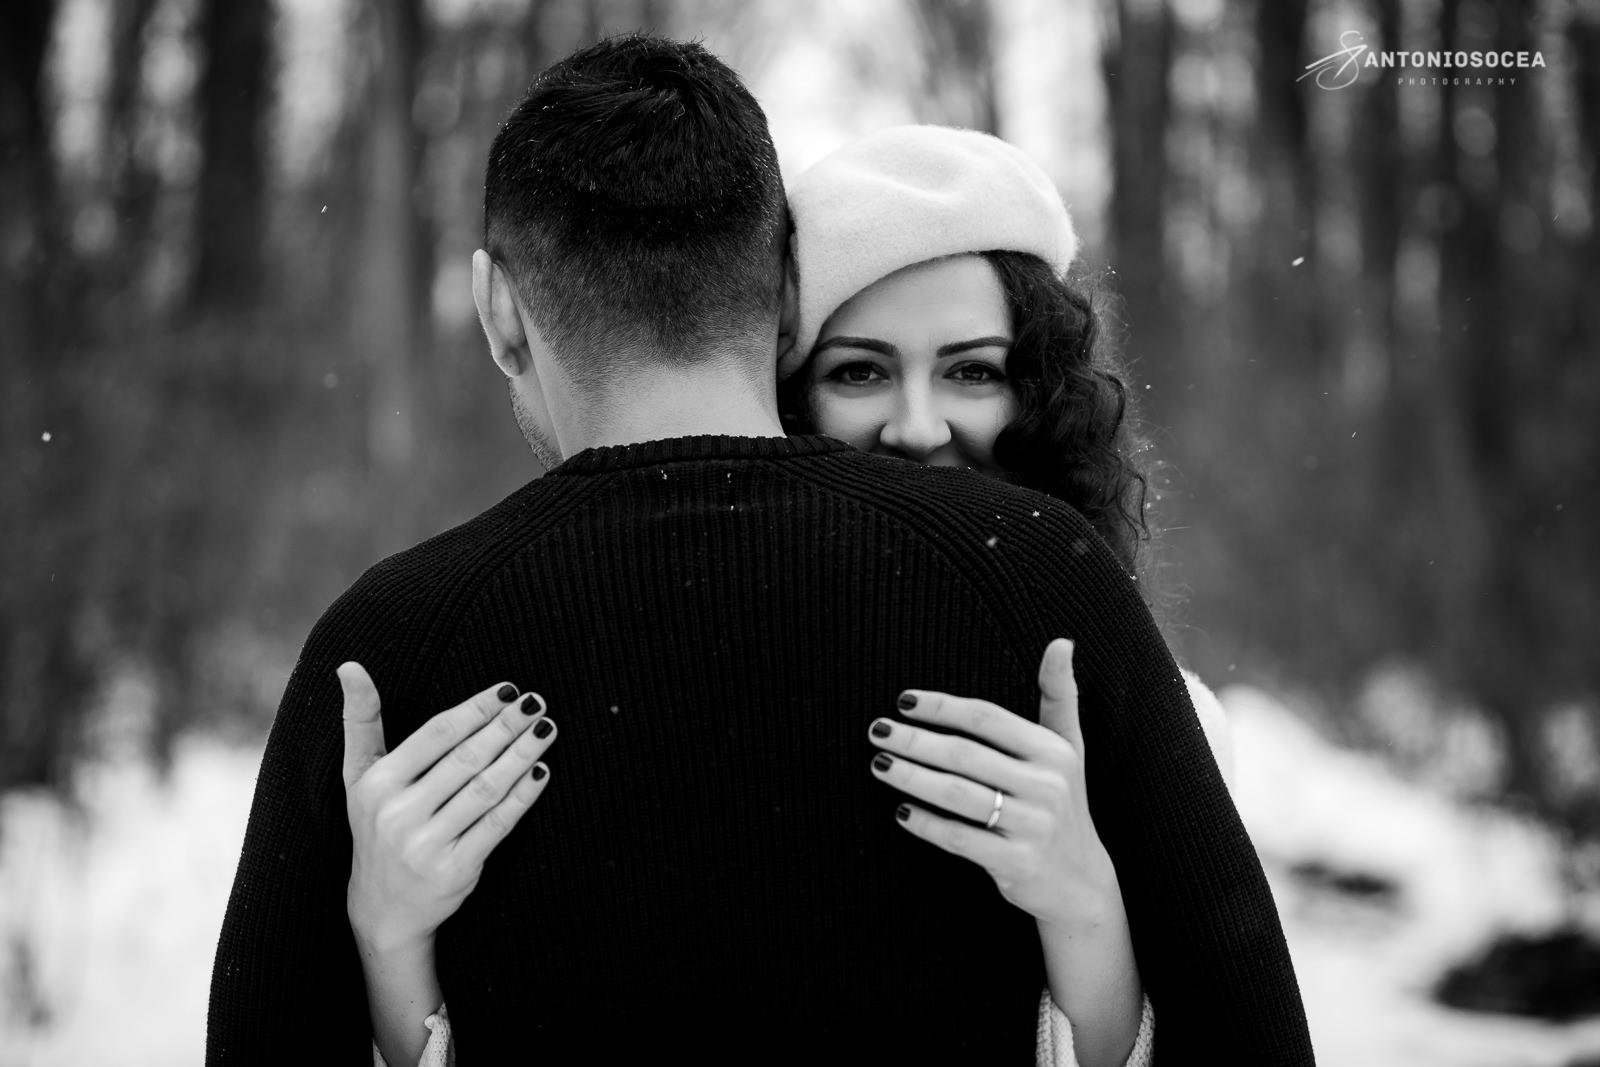 Sedinta foto de logodna - Palatul Mogosoaia - Fotograf nunta Antonio Socea - Bucuresti